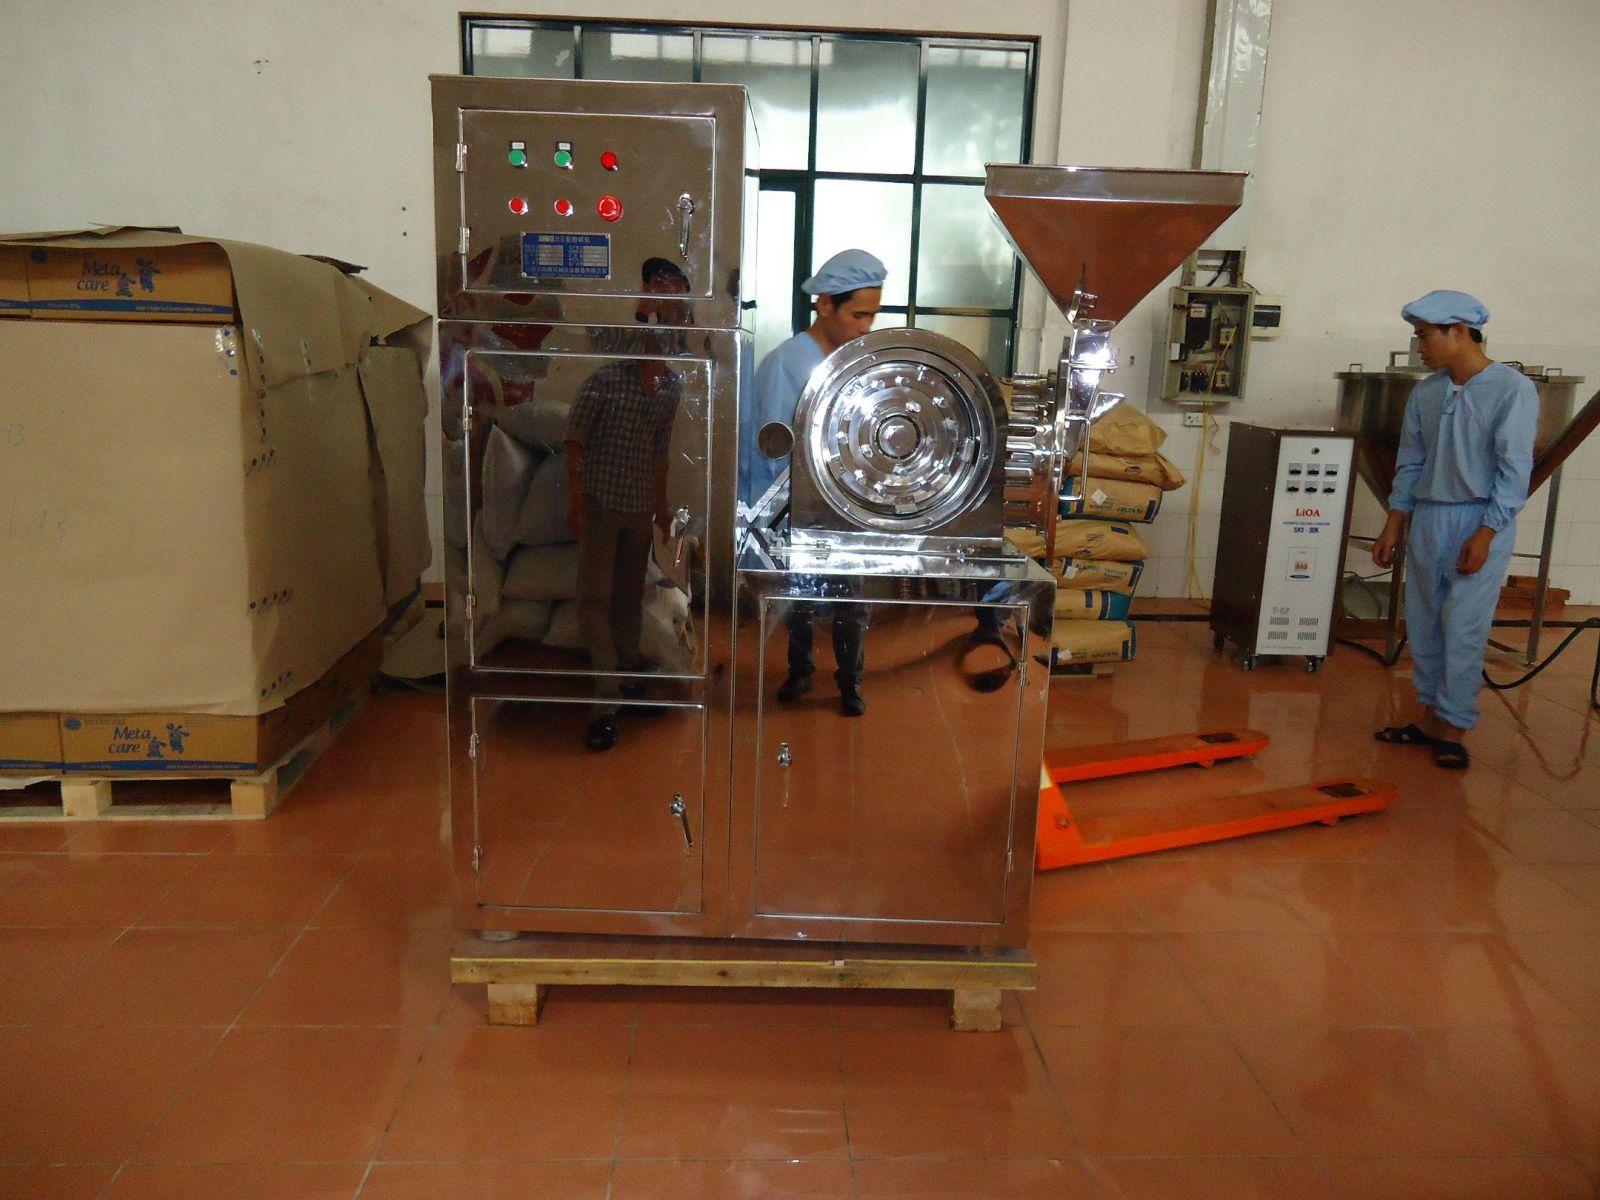 Máy nghiền mịn dùng trong ngành thực phẩm (dạng nghiền đinh)